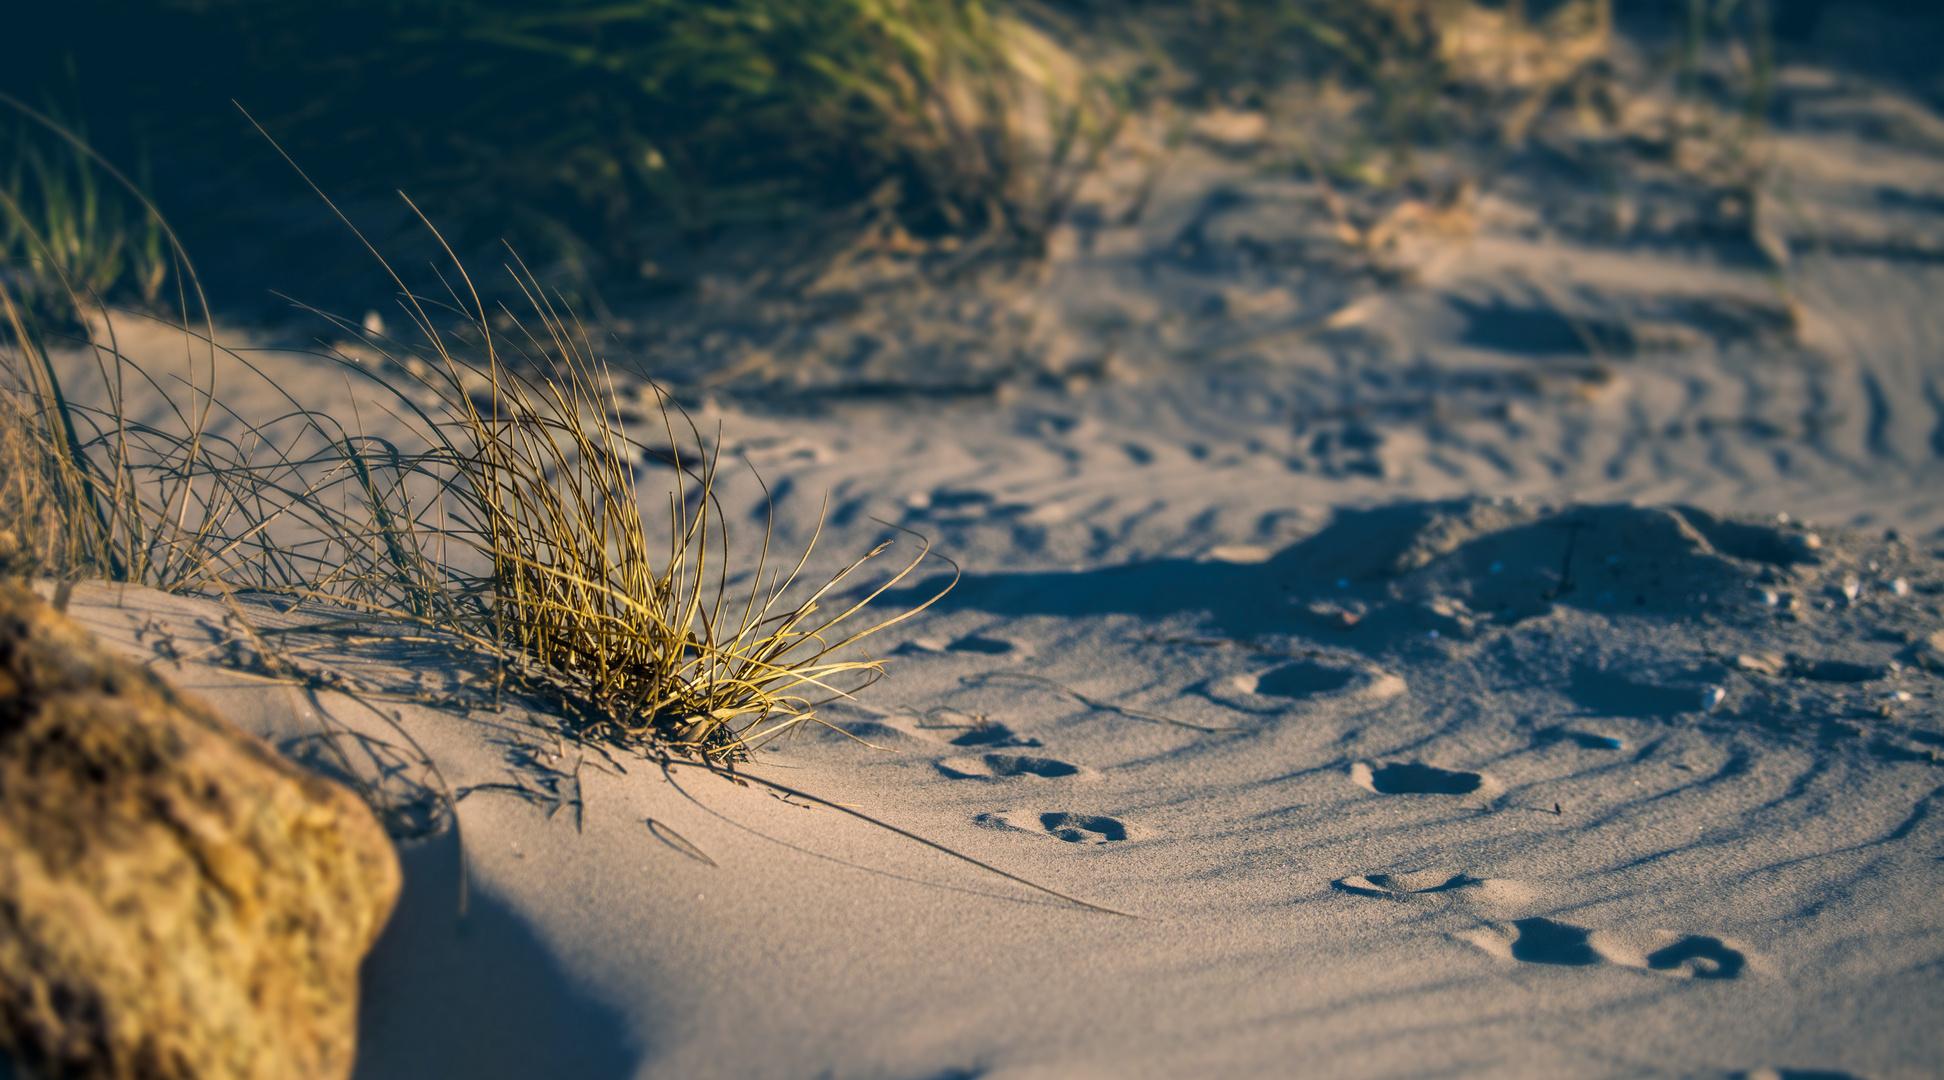 Strand Idylle bei Abenddämmerung